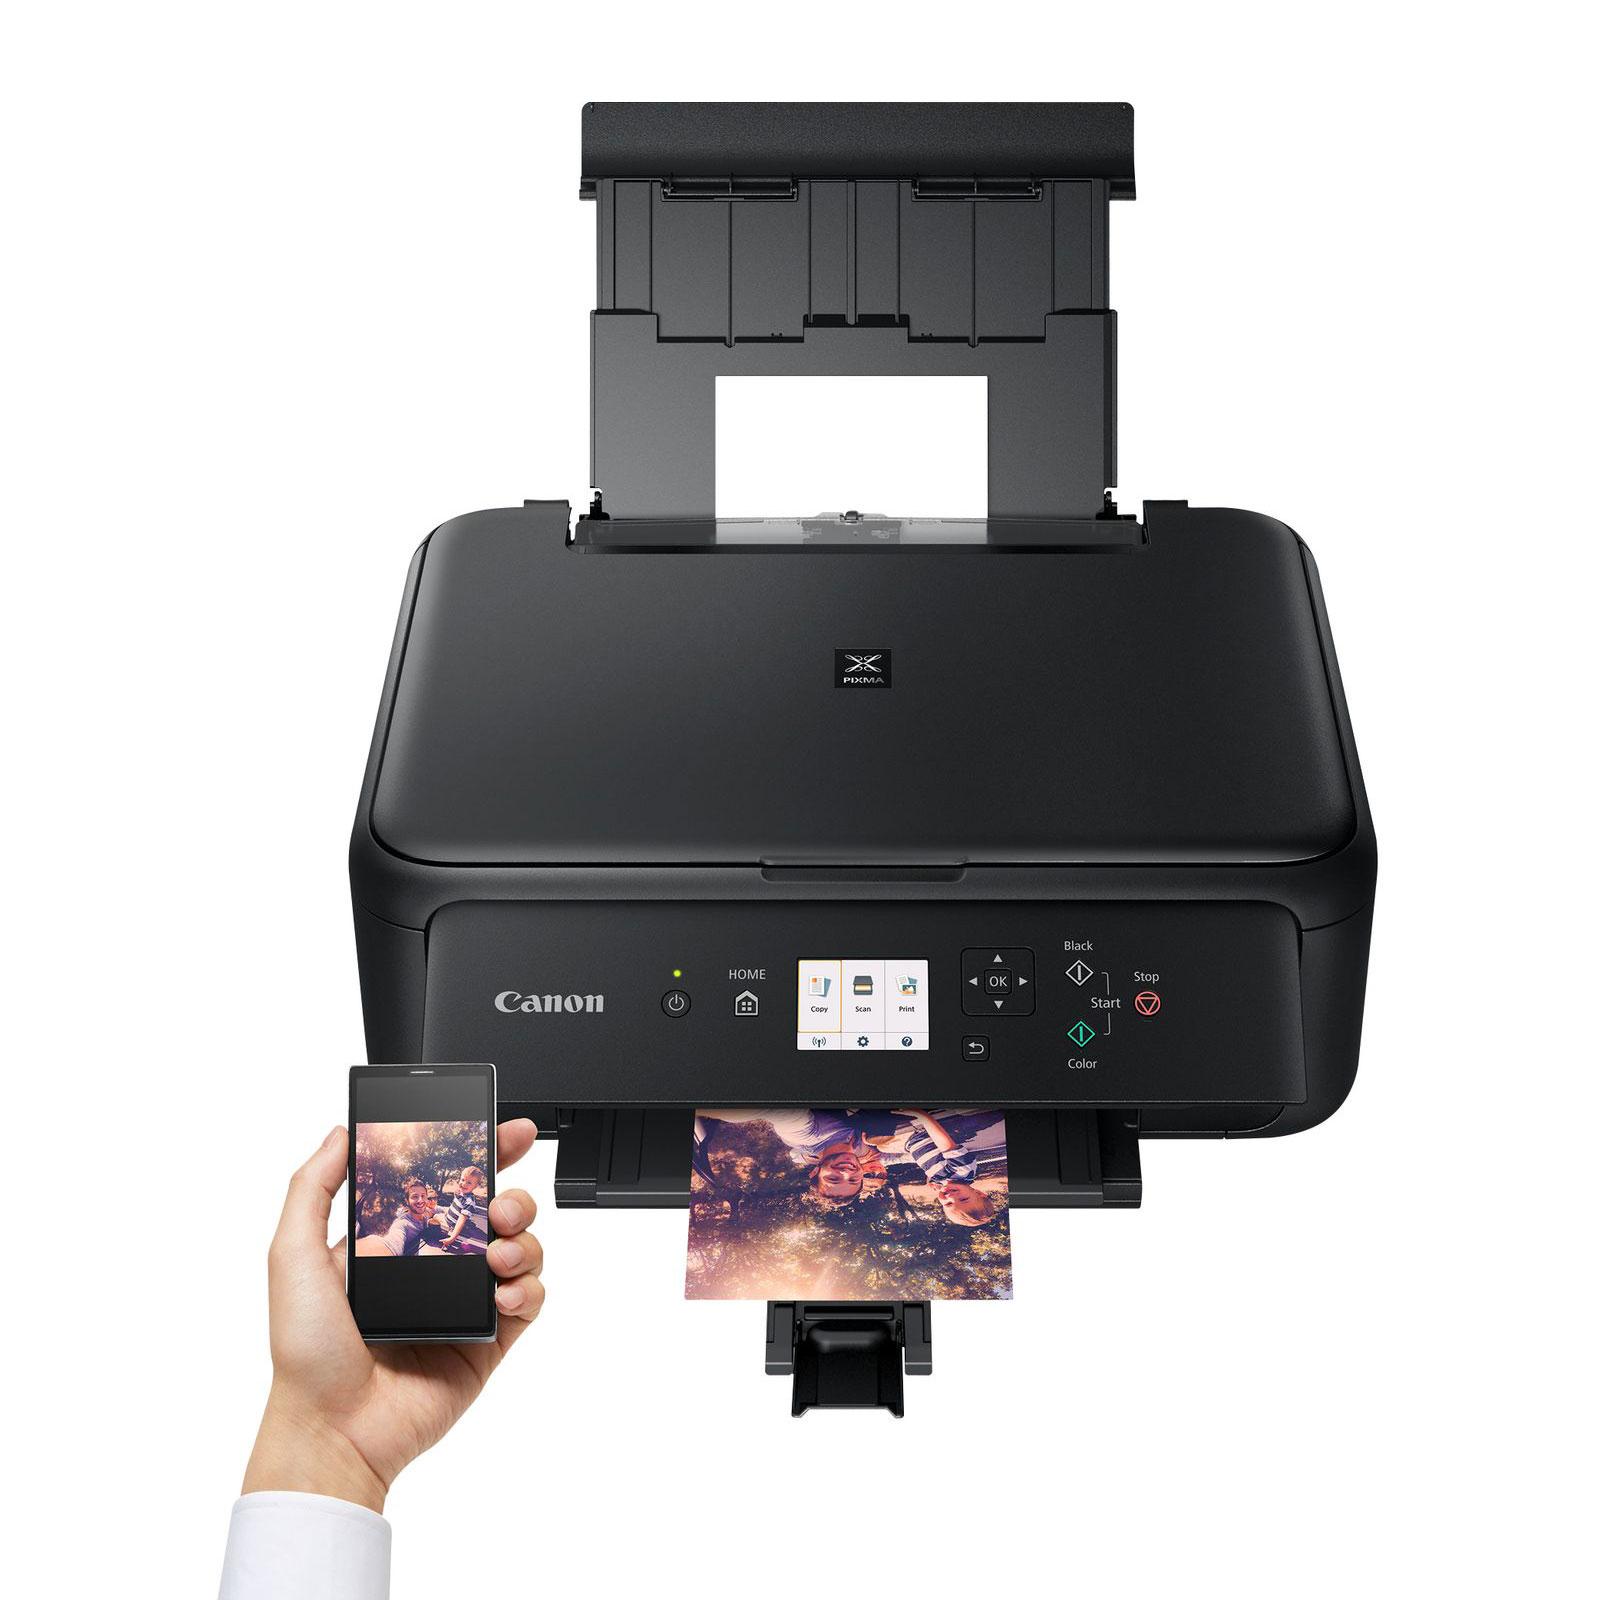 Imprimante multifonction Canon PIXMA TS5150 - Cybertek.fr - 1